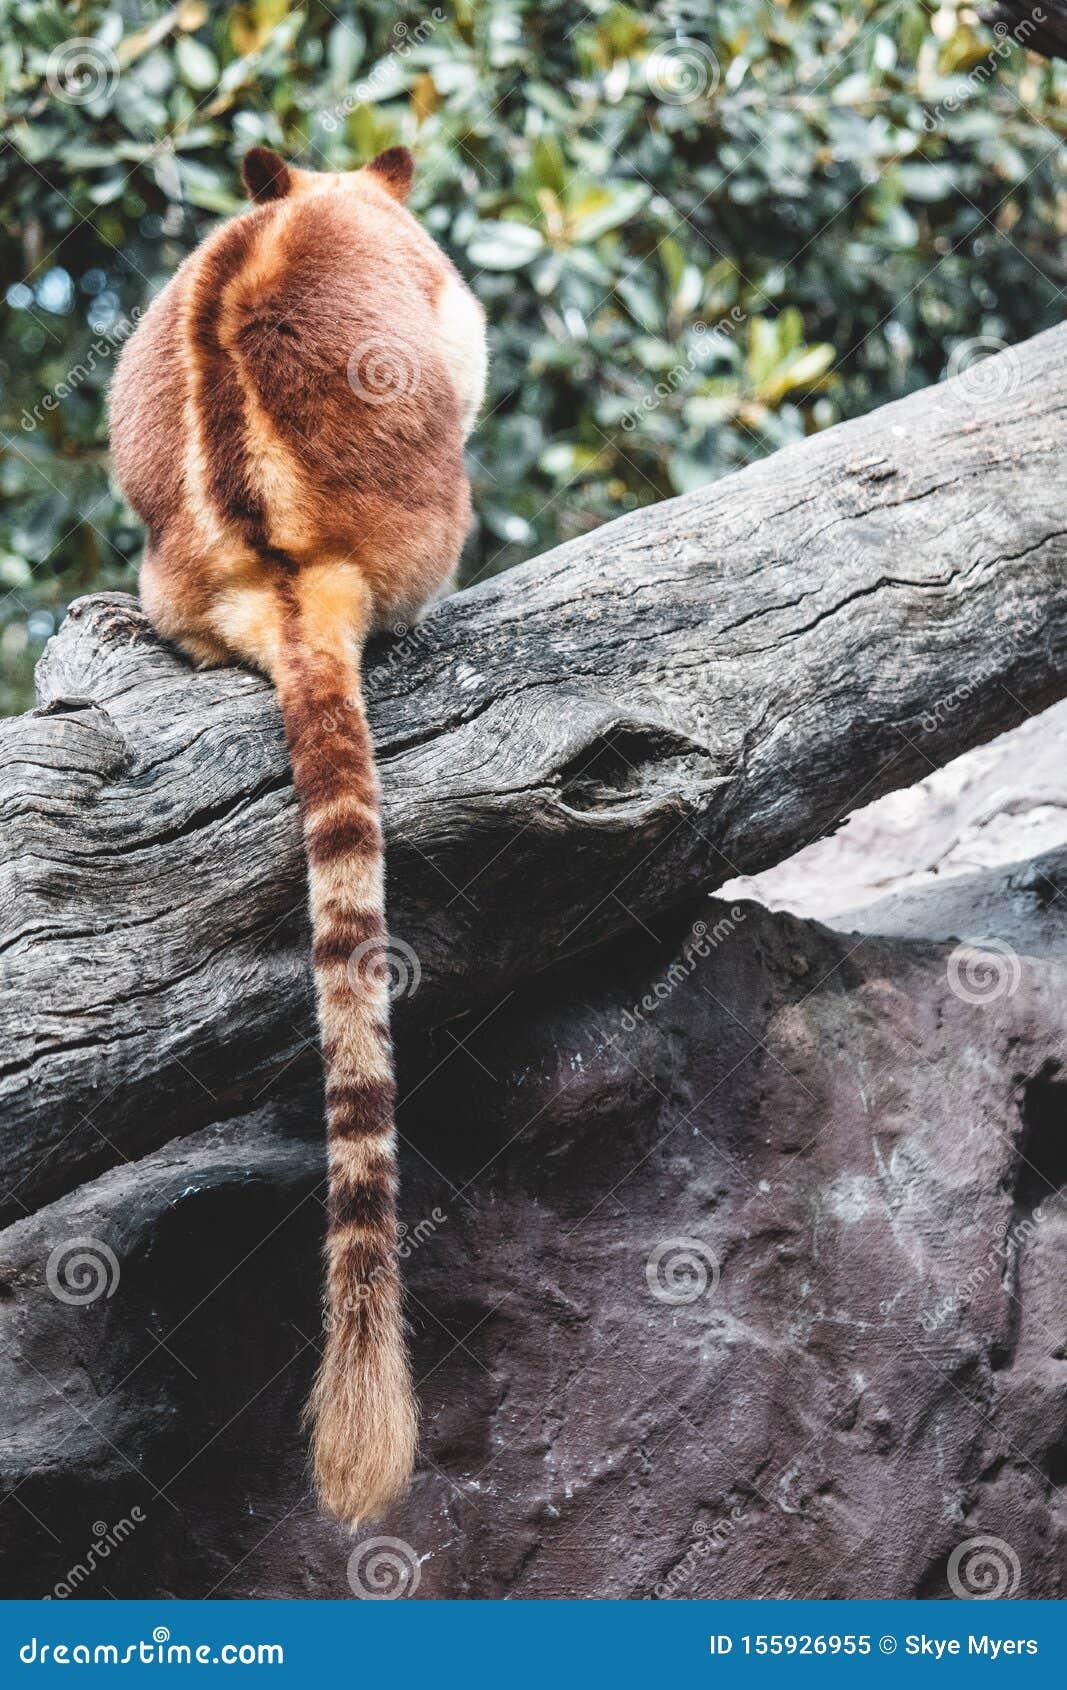 Tree kangaroo on tree